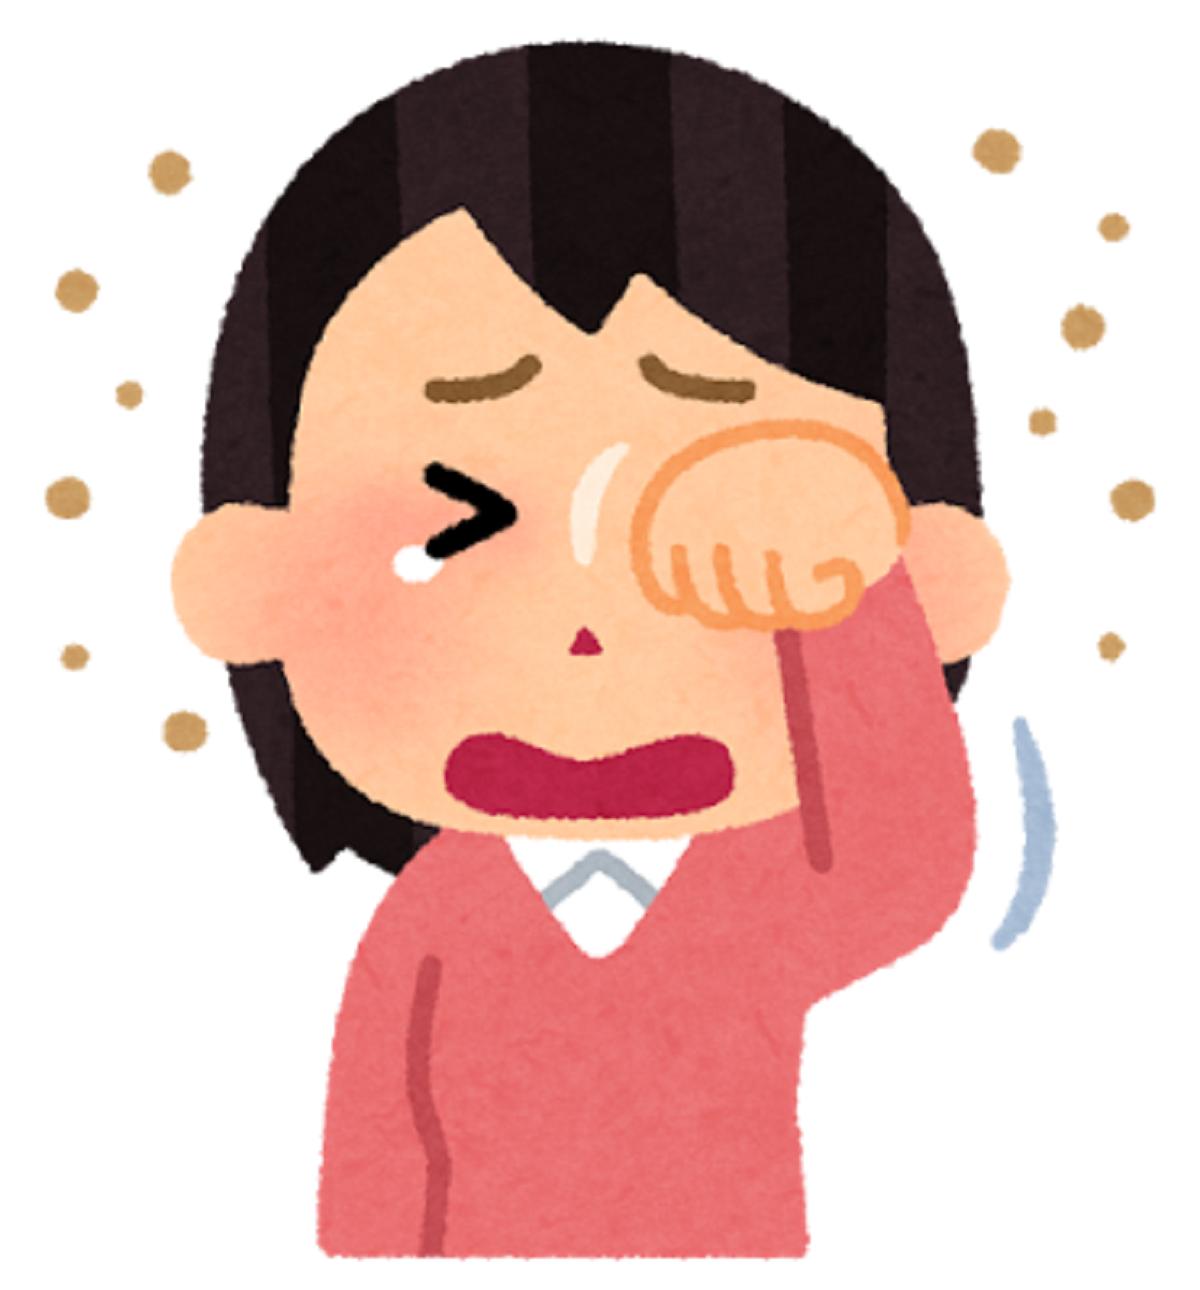 タダラフィル (ザルティア)と目の副作用~非動脈炎性前部虚血性視神経症~